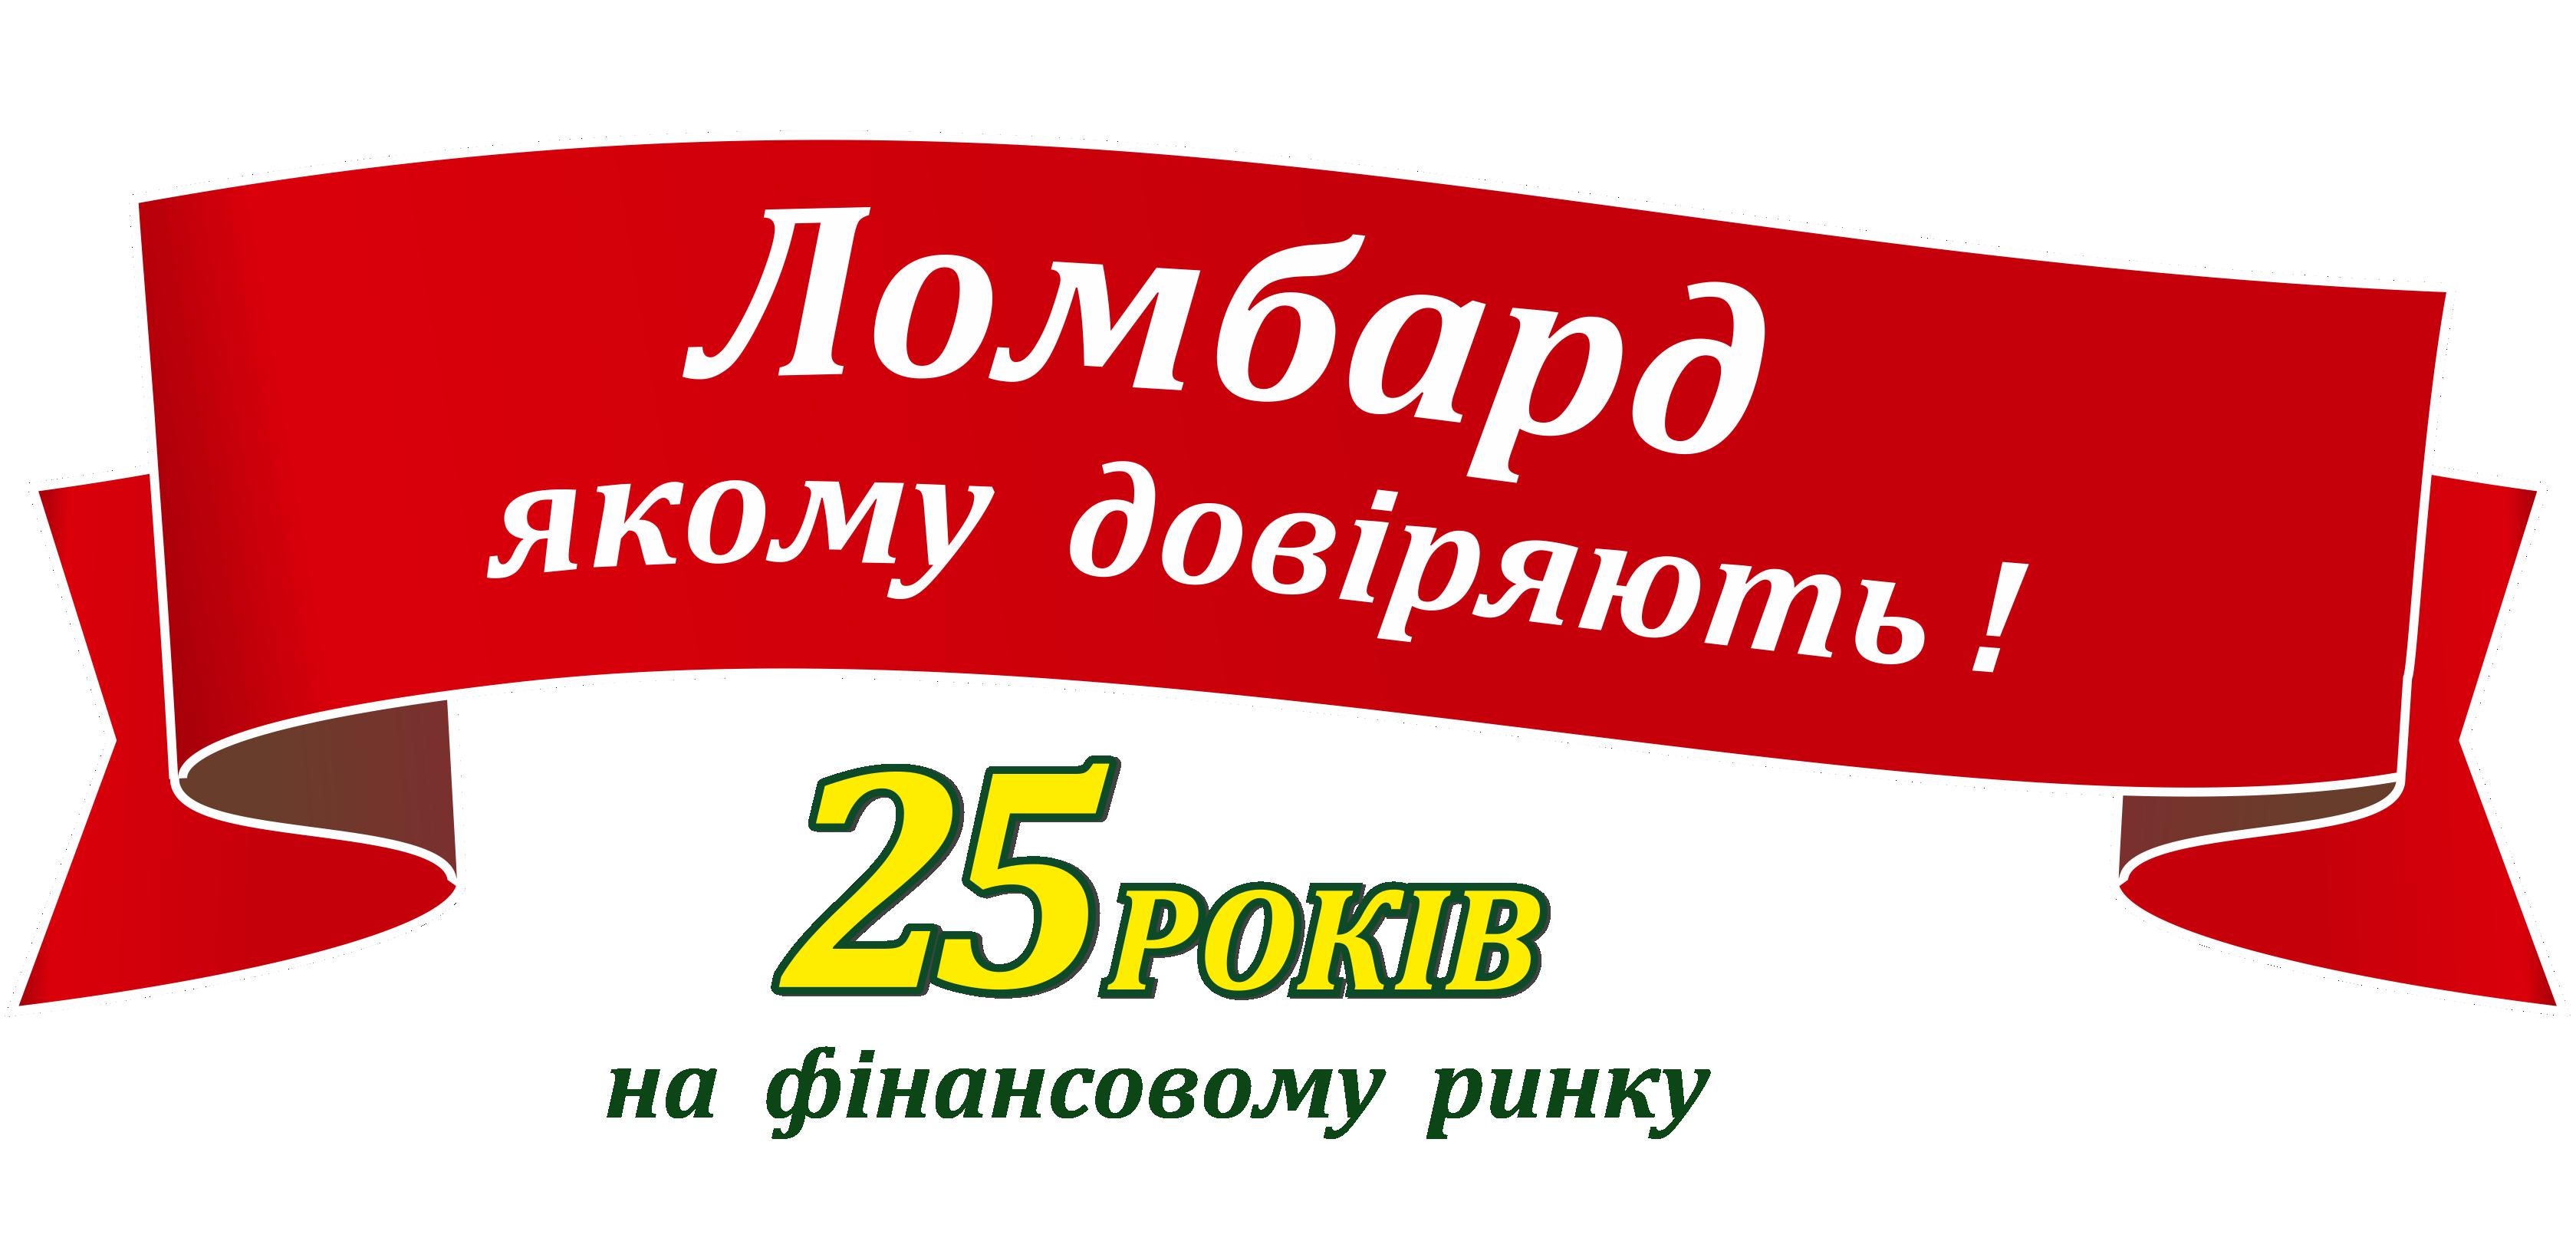 ГОЛОВНА